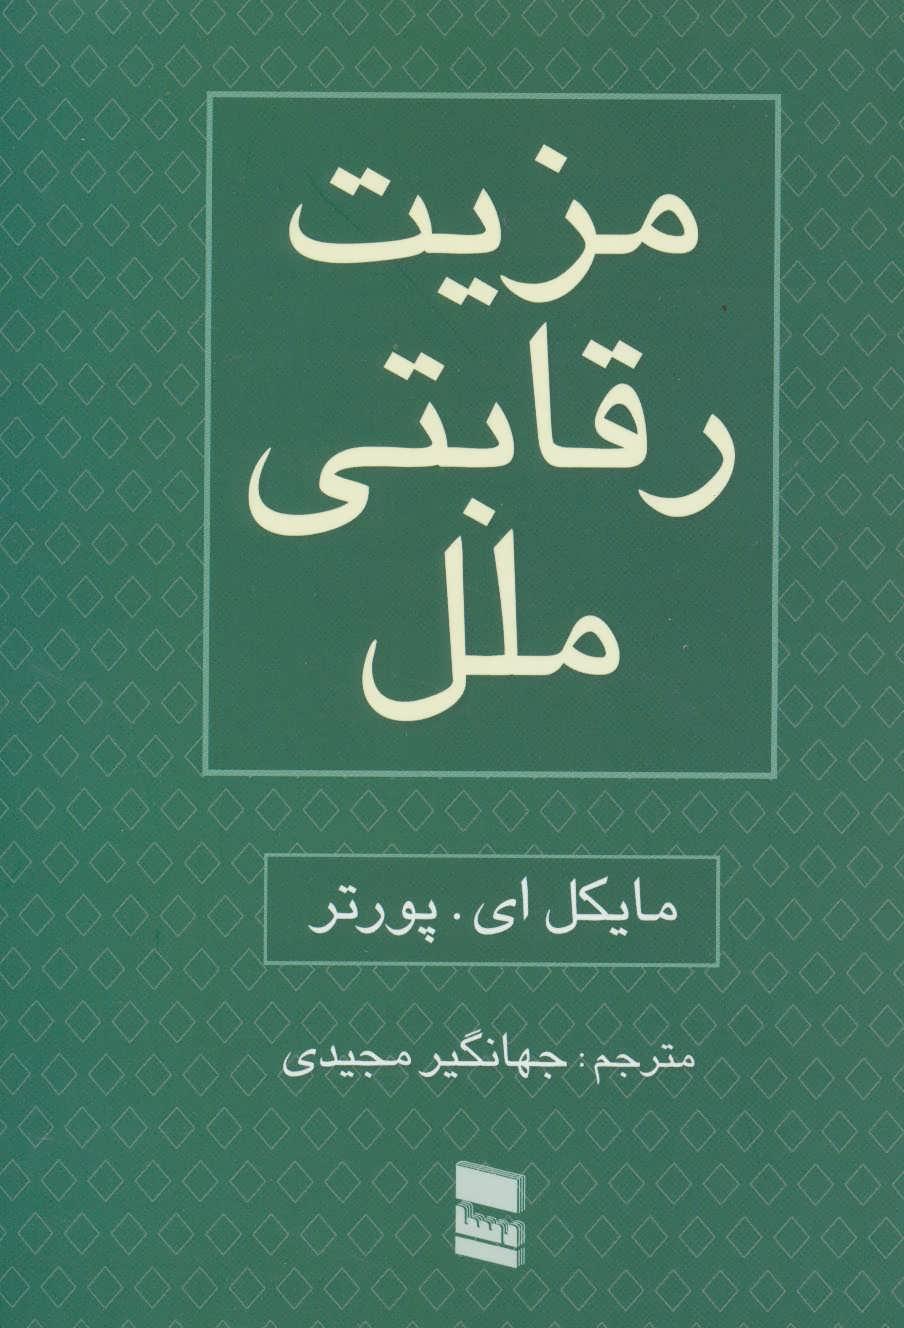 مزیت رقابتی ملل (2جلدی)